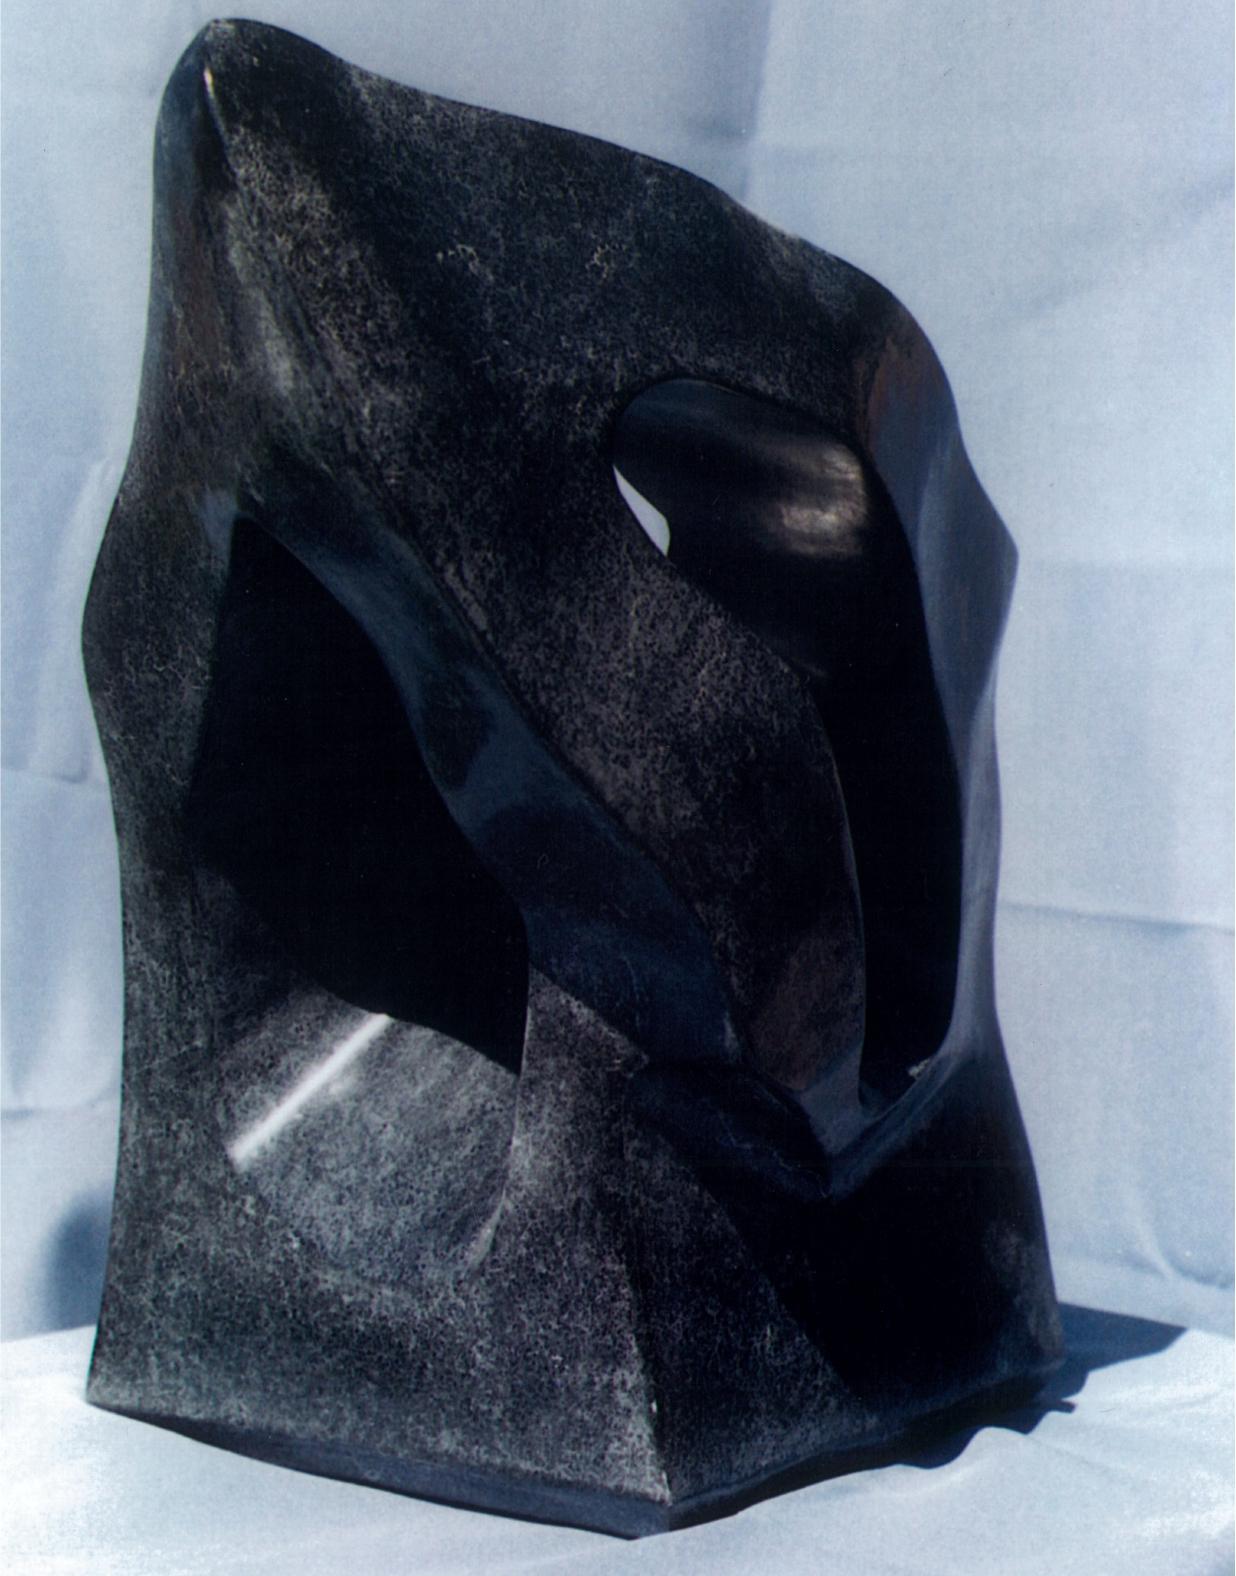 Raven's Peak - 1999 - Carved from Black Sandstone. Artist: Steven Zimmerman